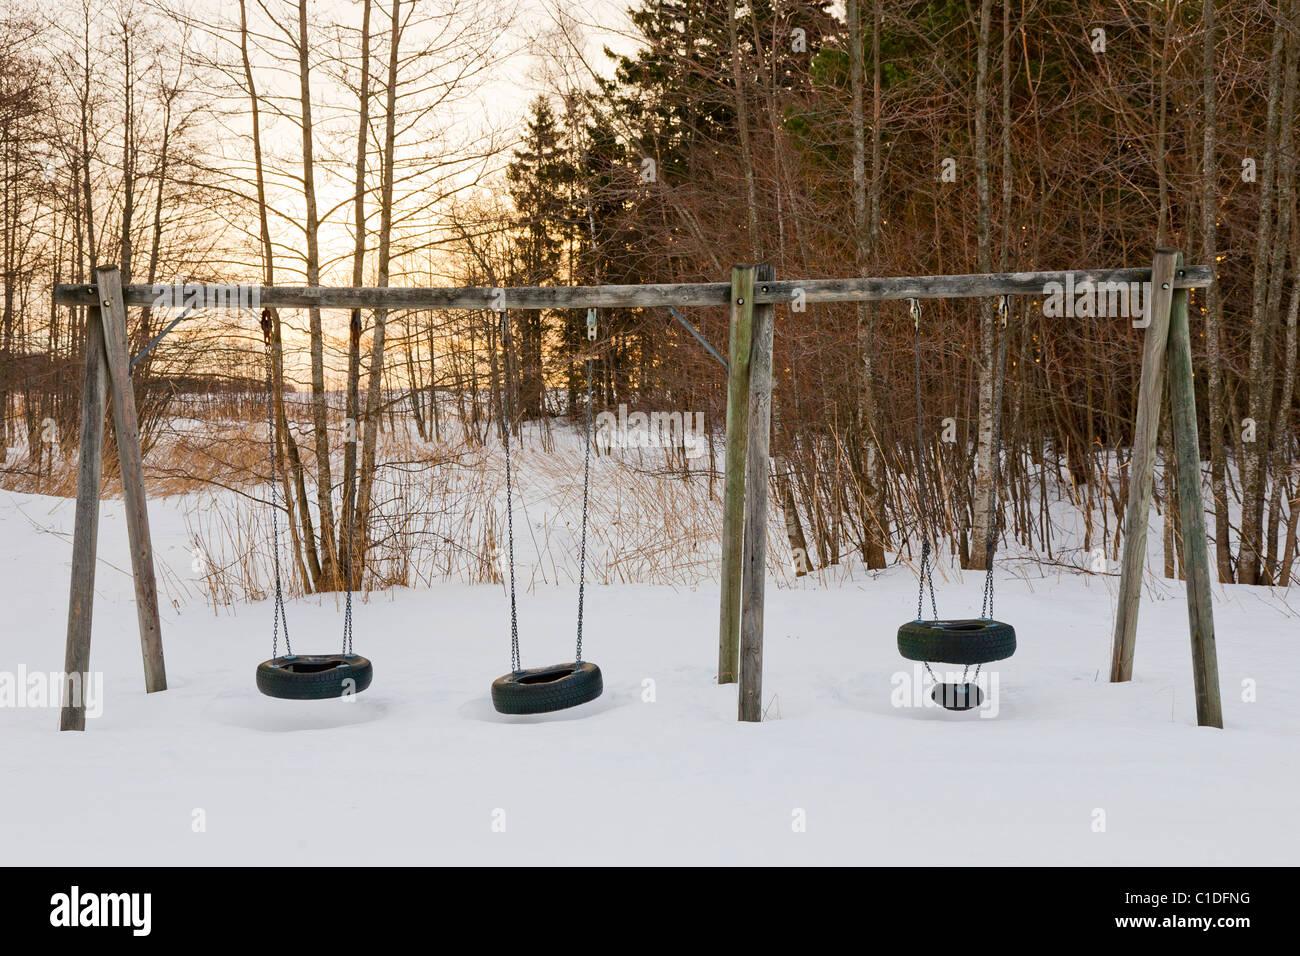 Swings in winter. - Stock Image